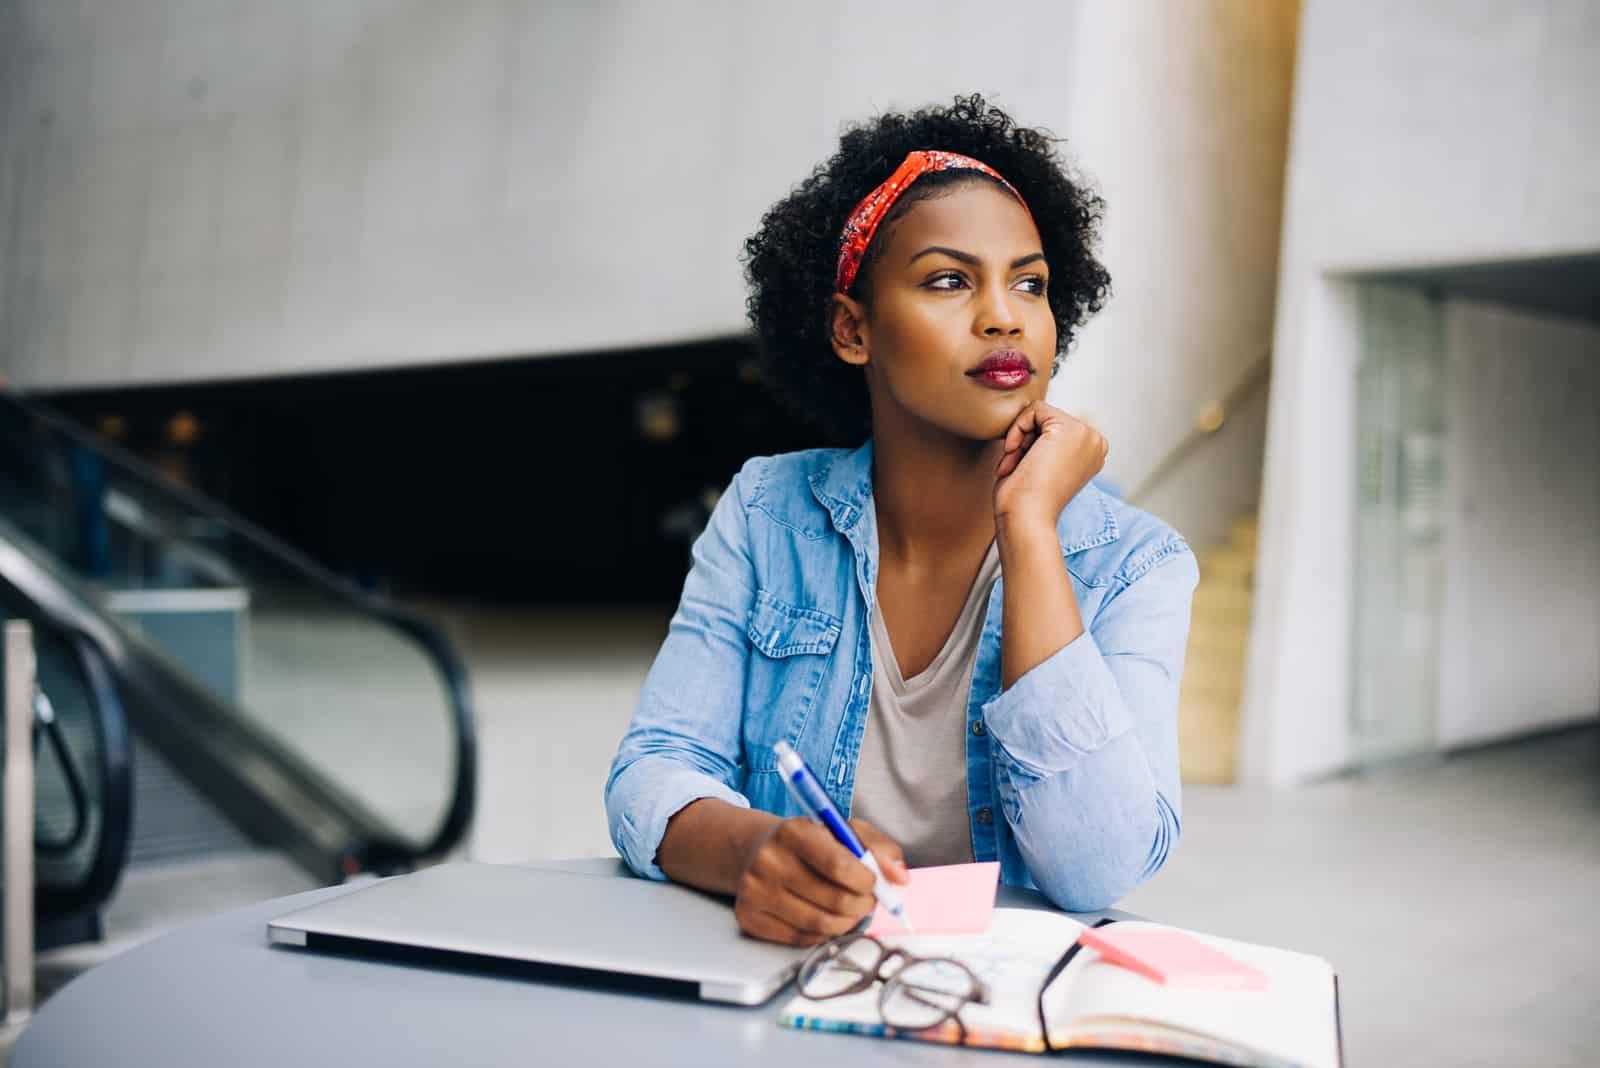 une femme imaginaire aux cheveux crépus assise à une table